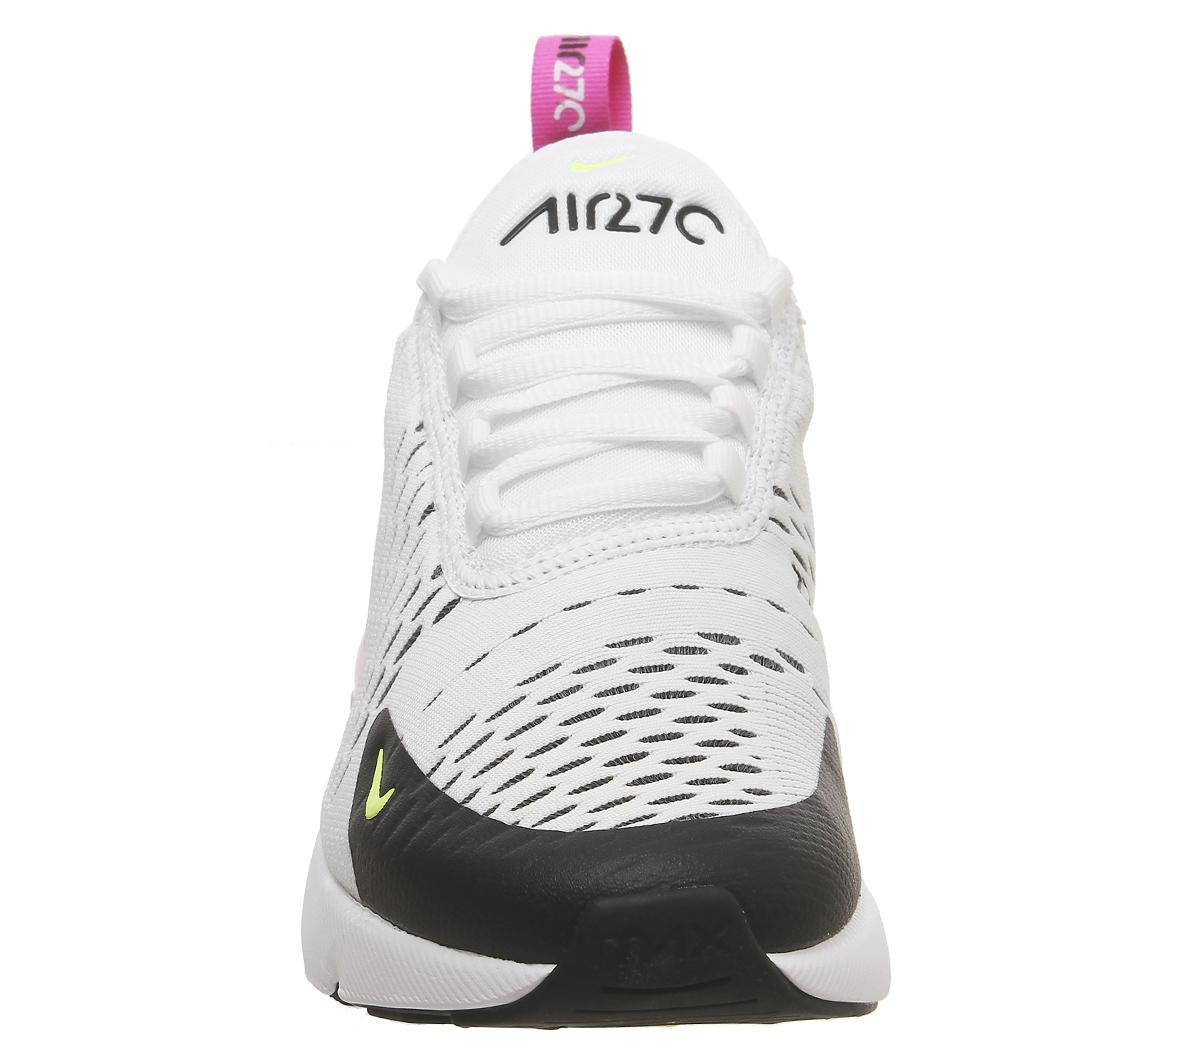 Nike Air Max 270 Gs Trainers White Volt Black Laser Fuchsia